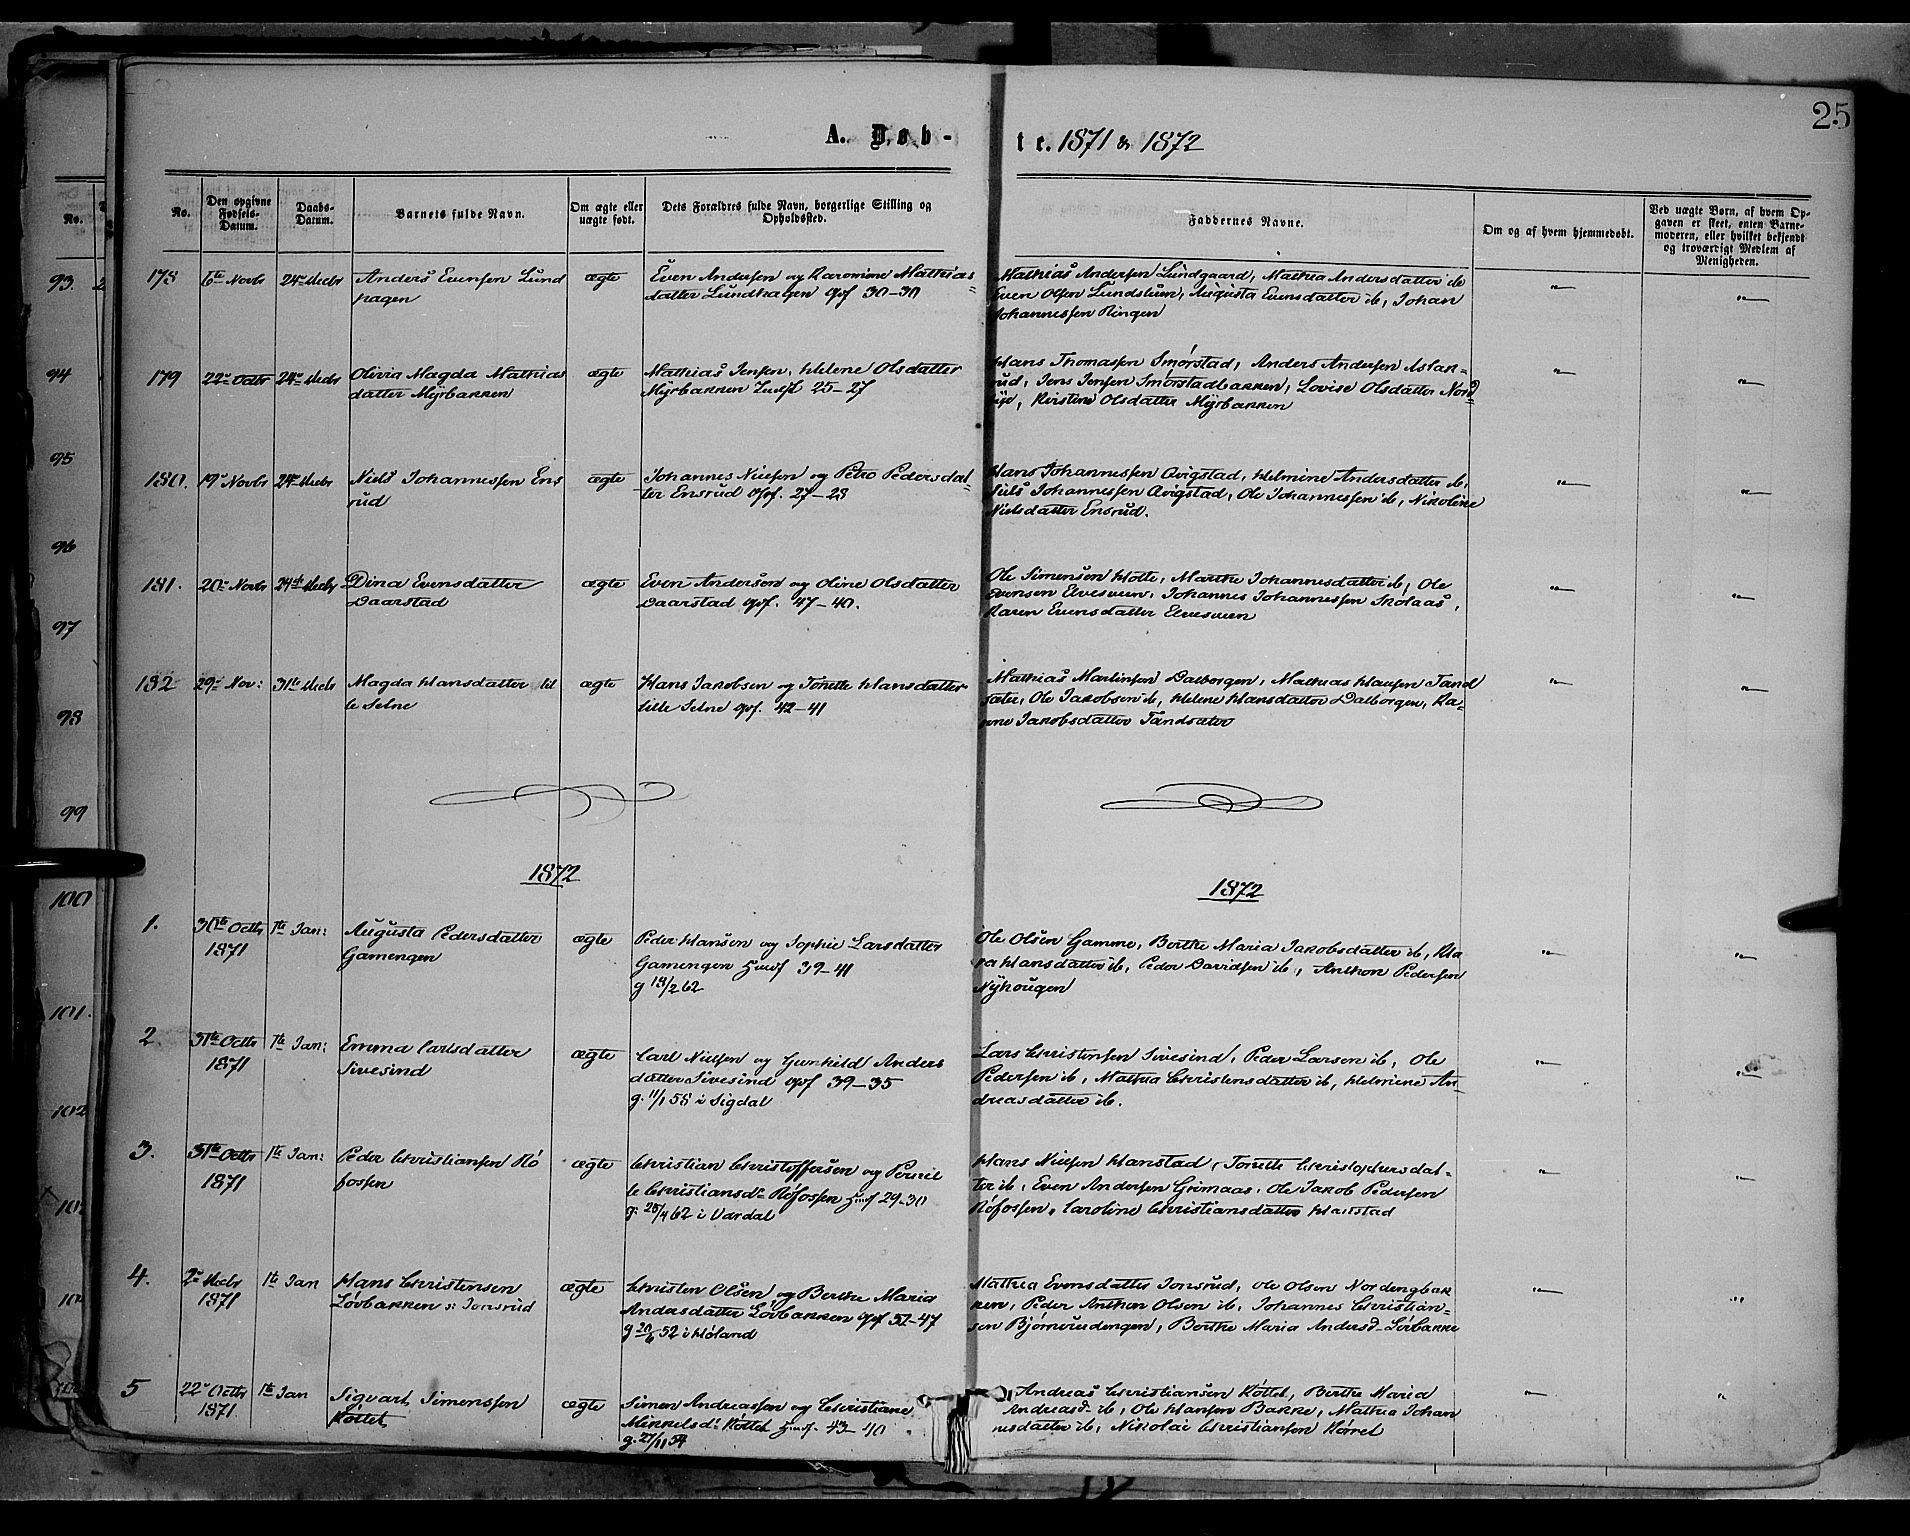 SAH, Vestre Toten prestekontor, Ministerialbok nr. 8, 1870-1877, s. 25